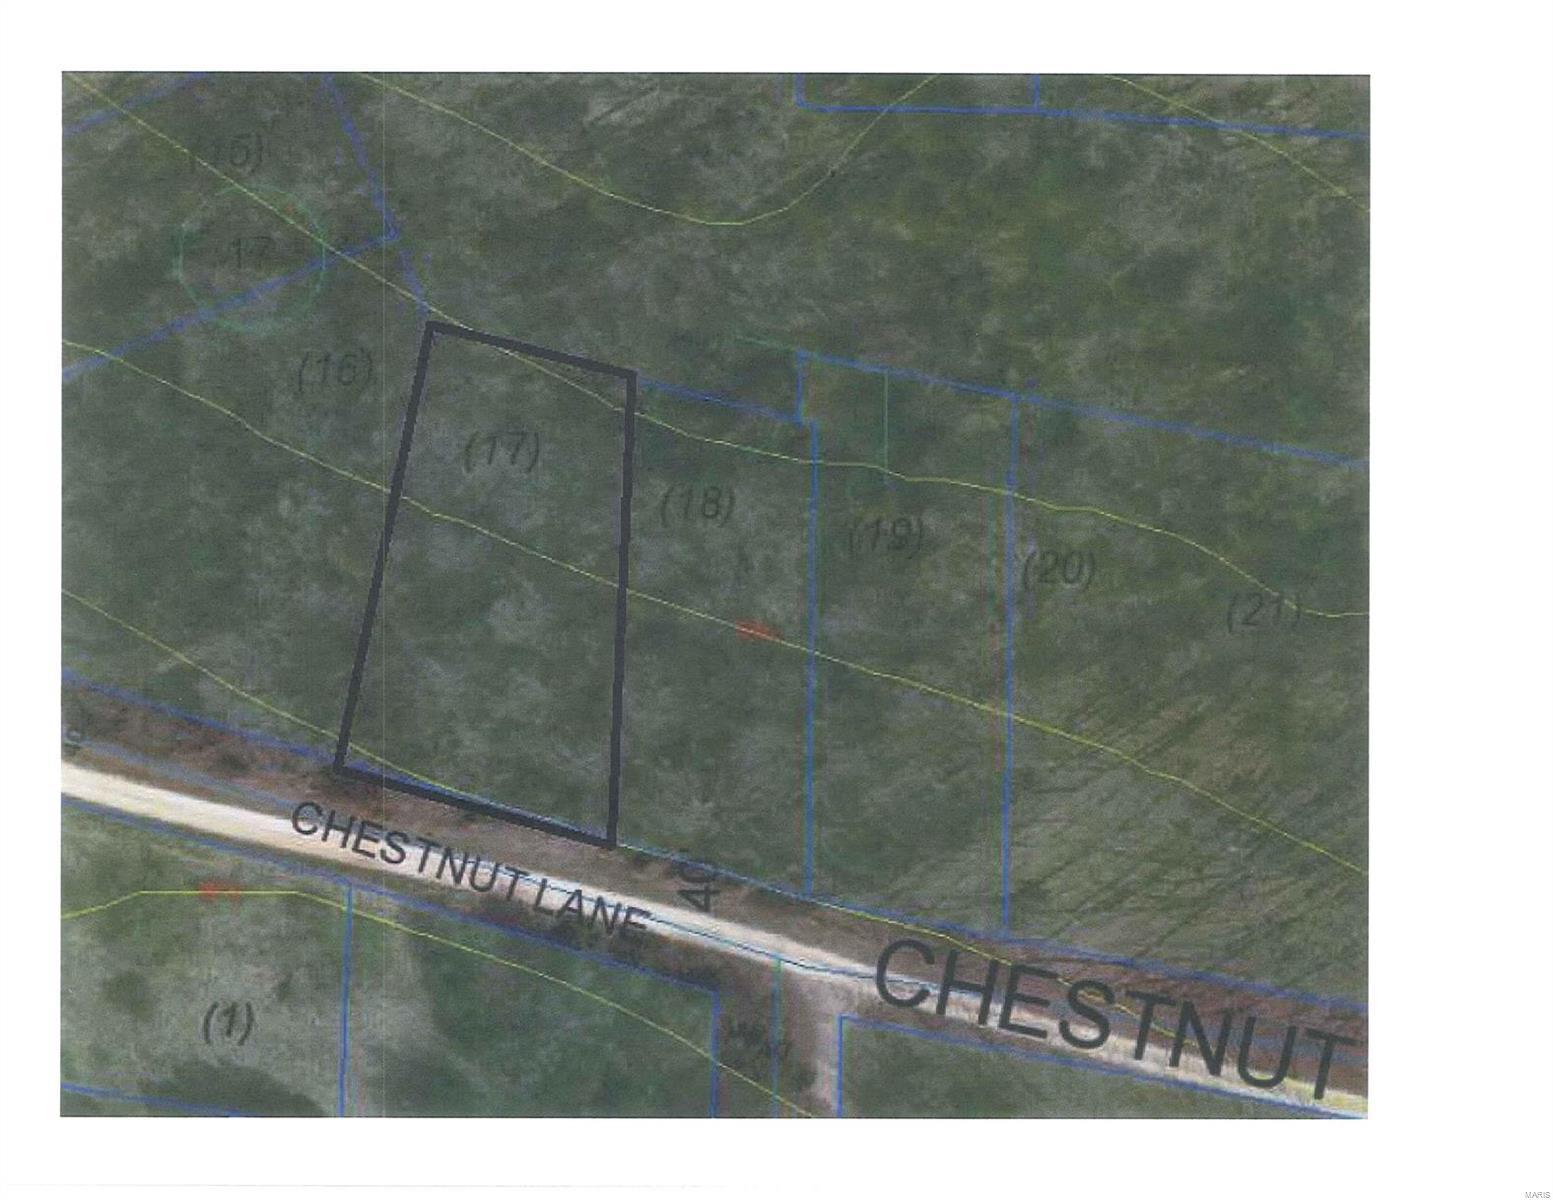 910 Chestnut Lane, Union, MO 63084